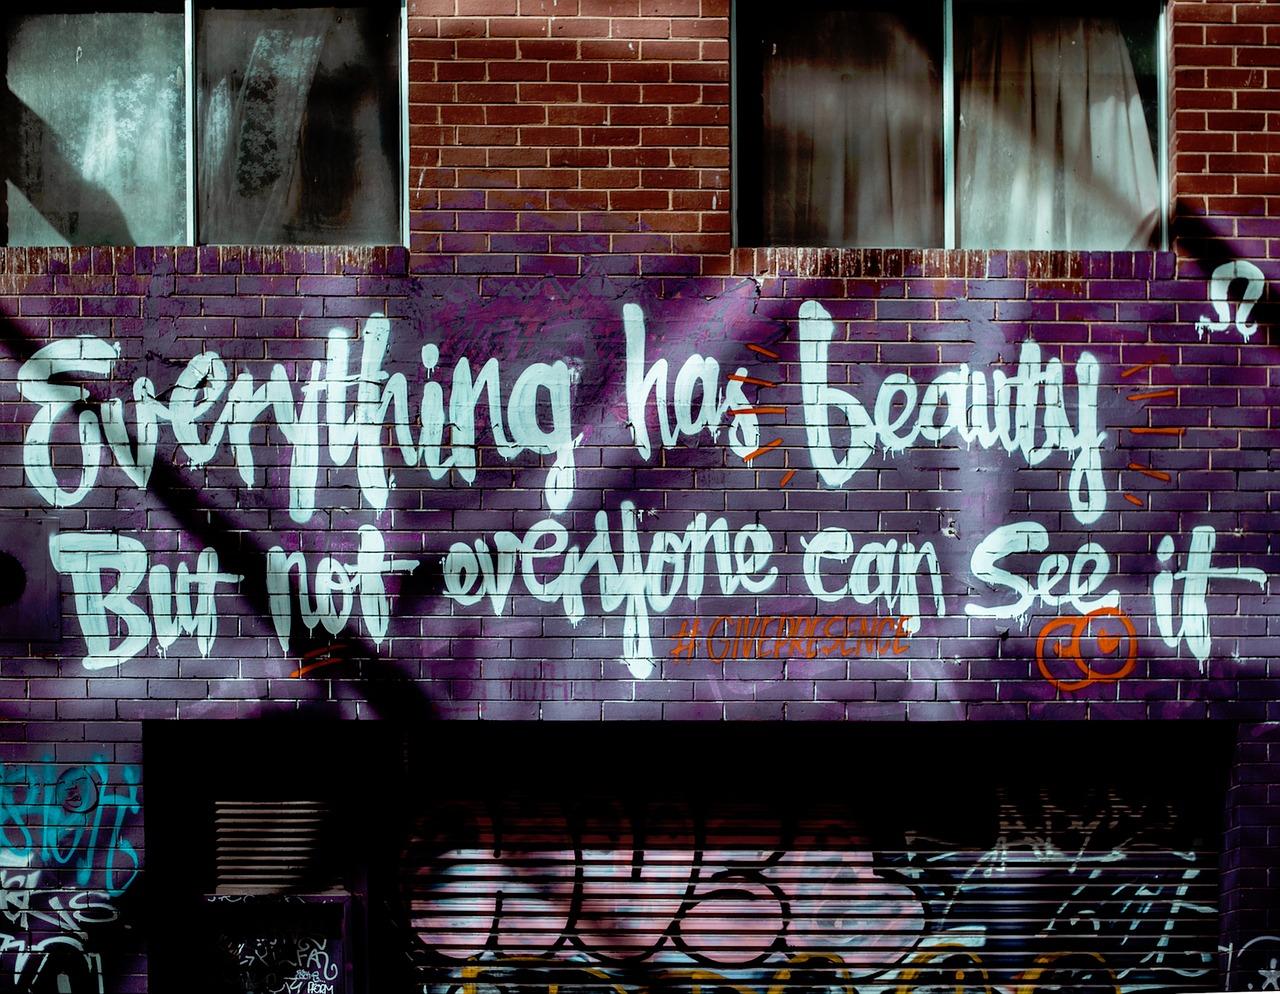 Is Graffiti Art or Vandalism